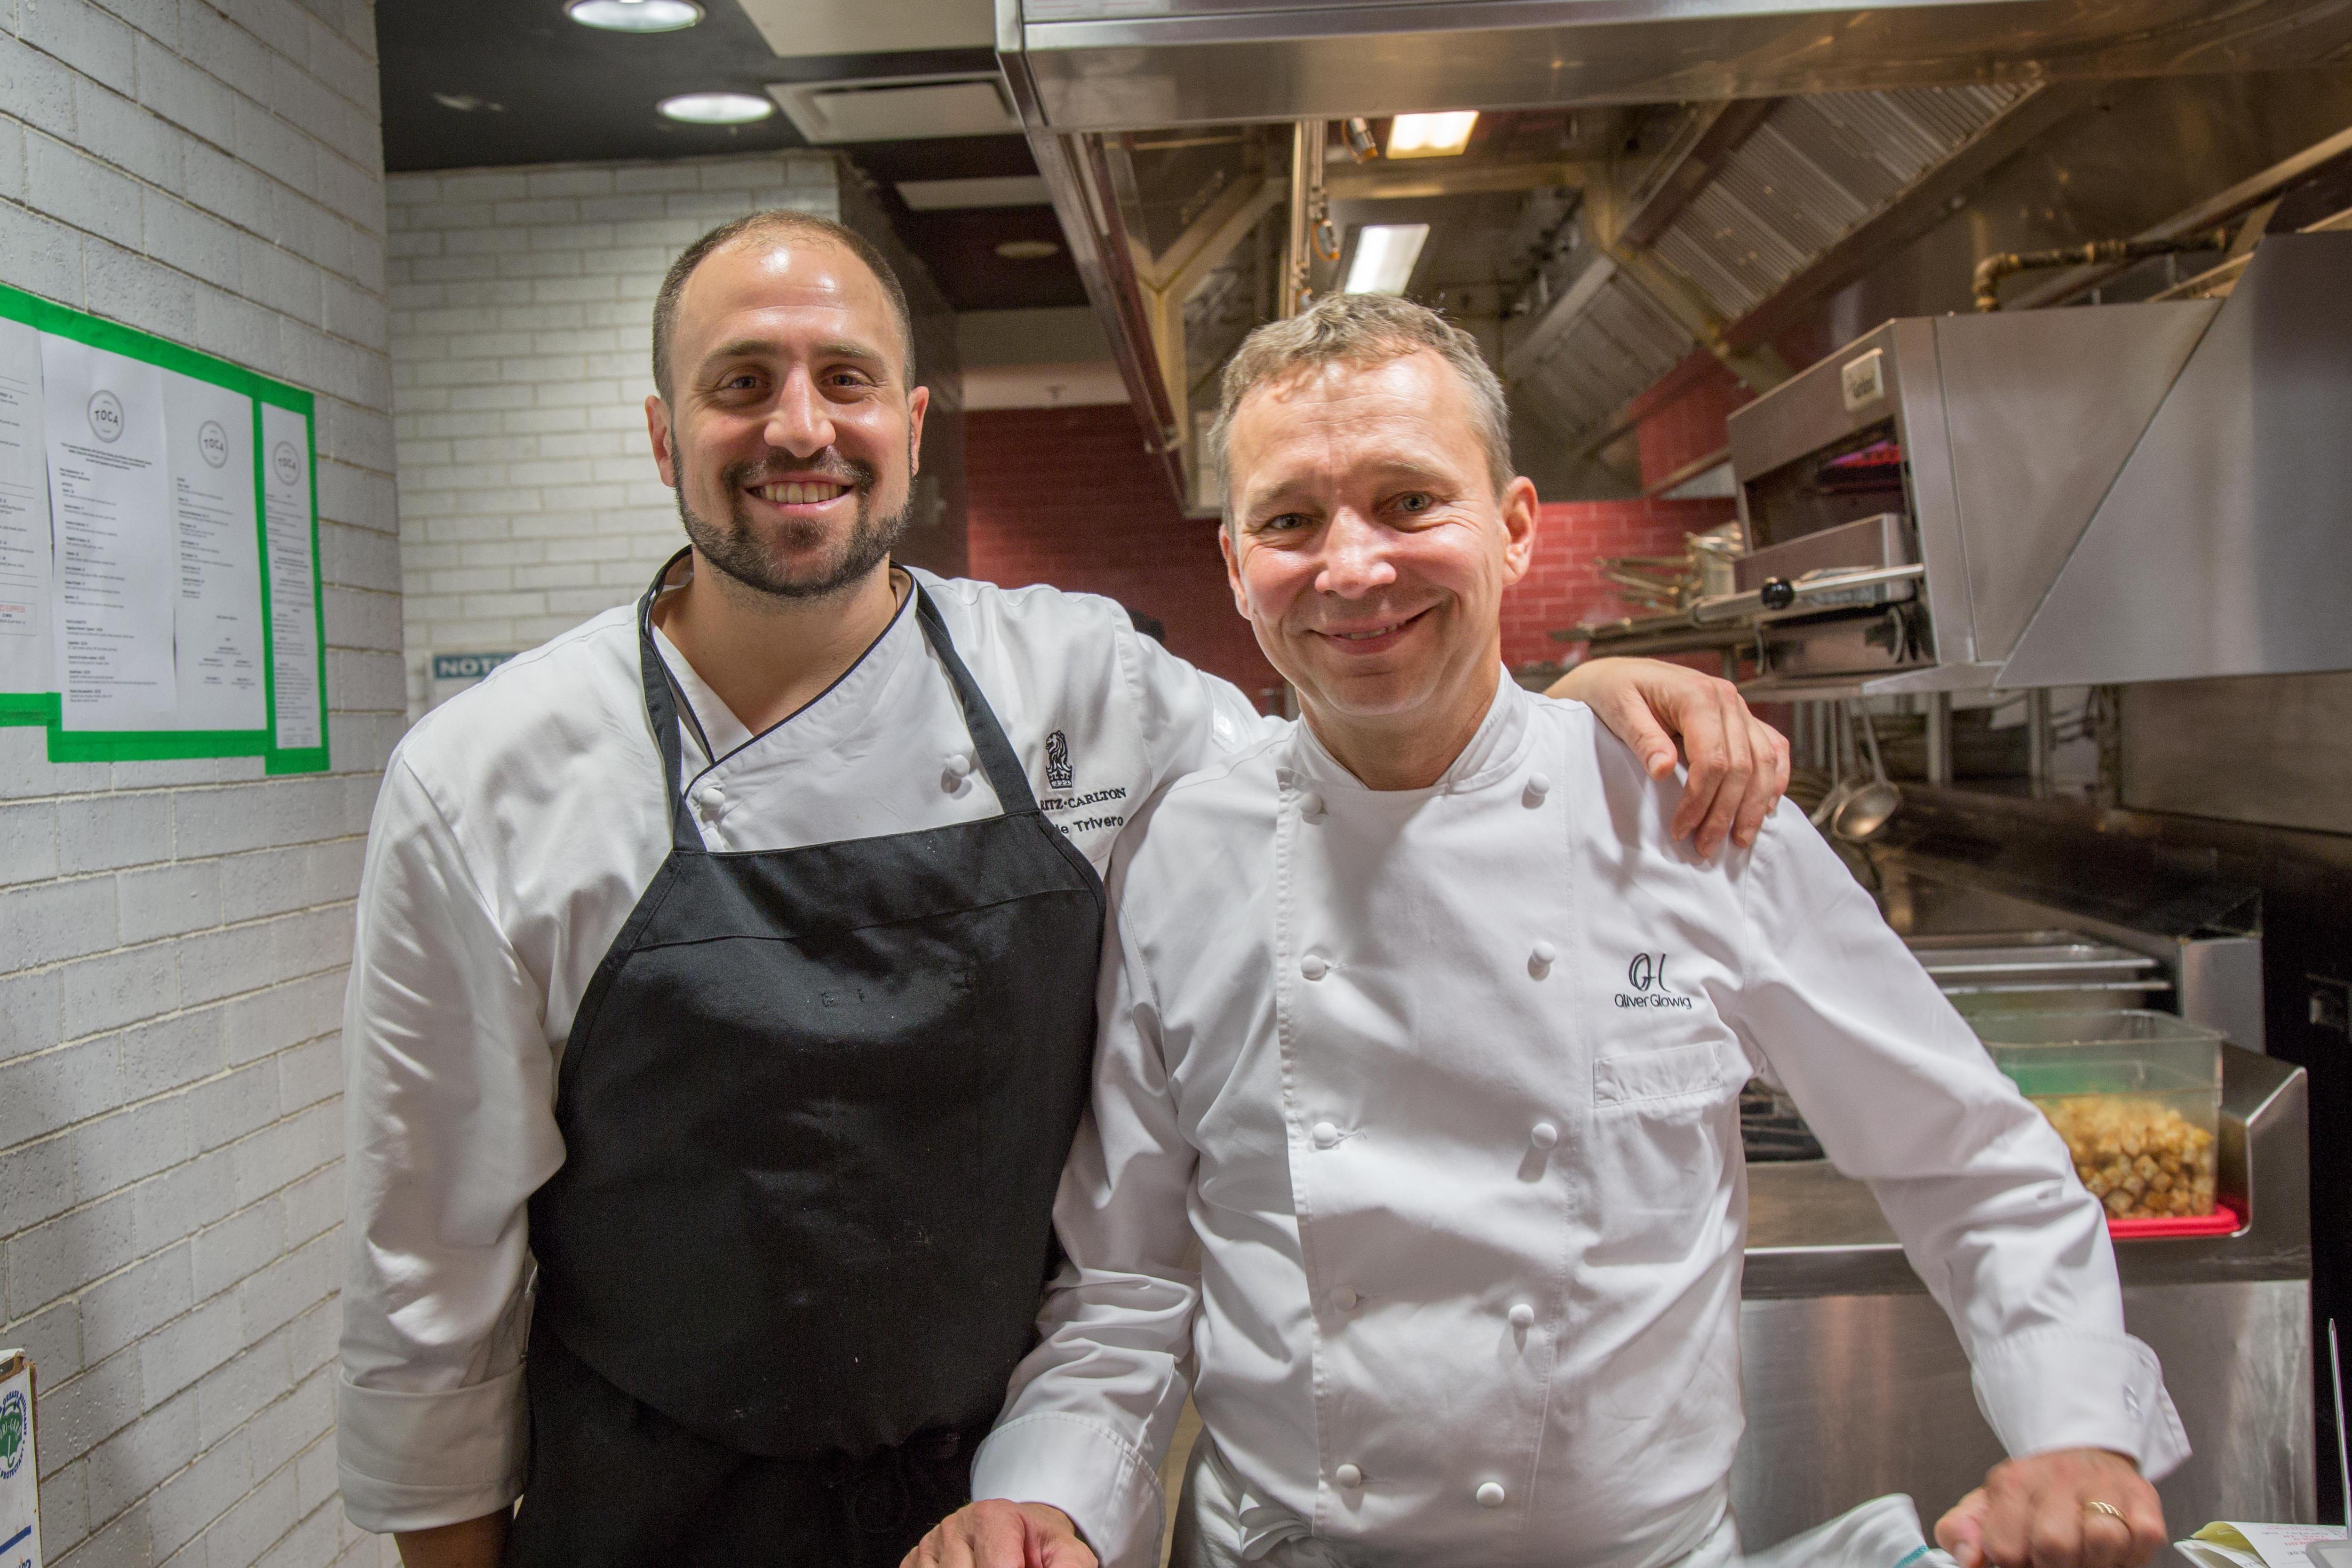 Deux chefs dans une cuisine